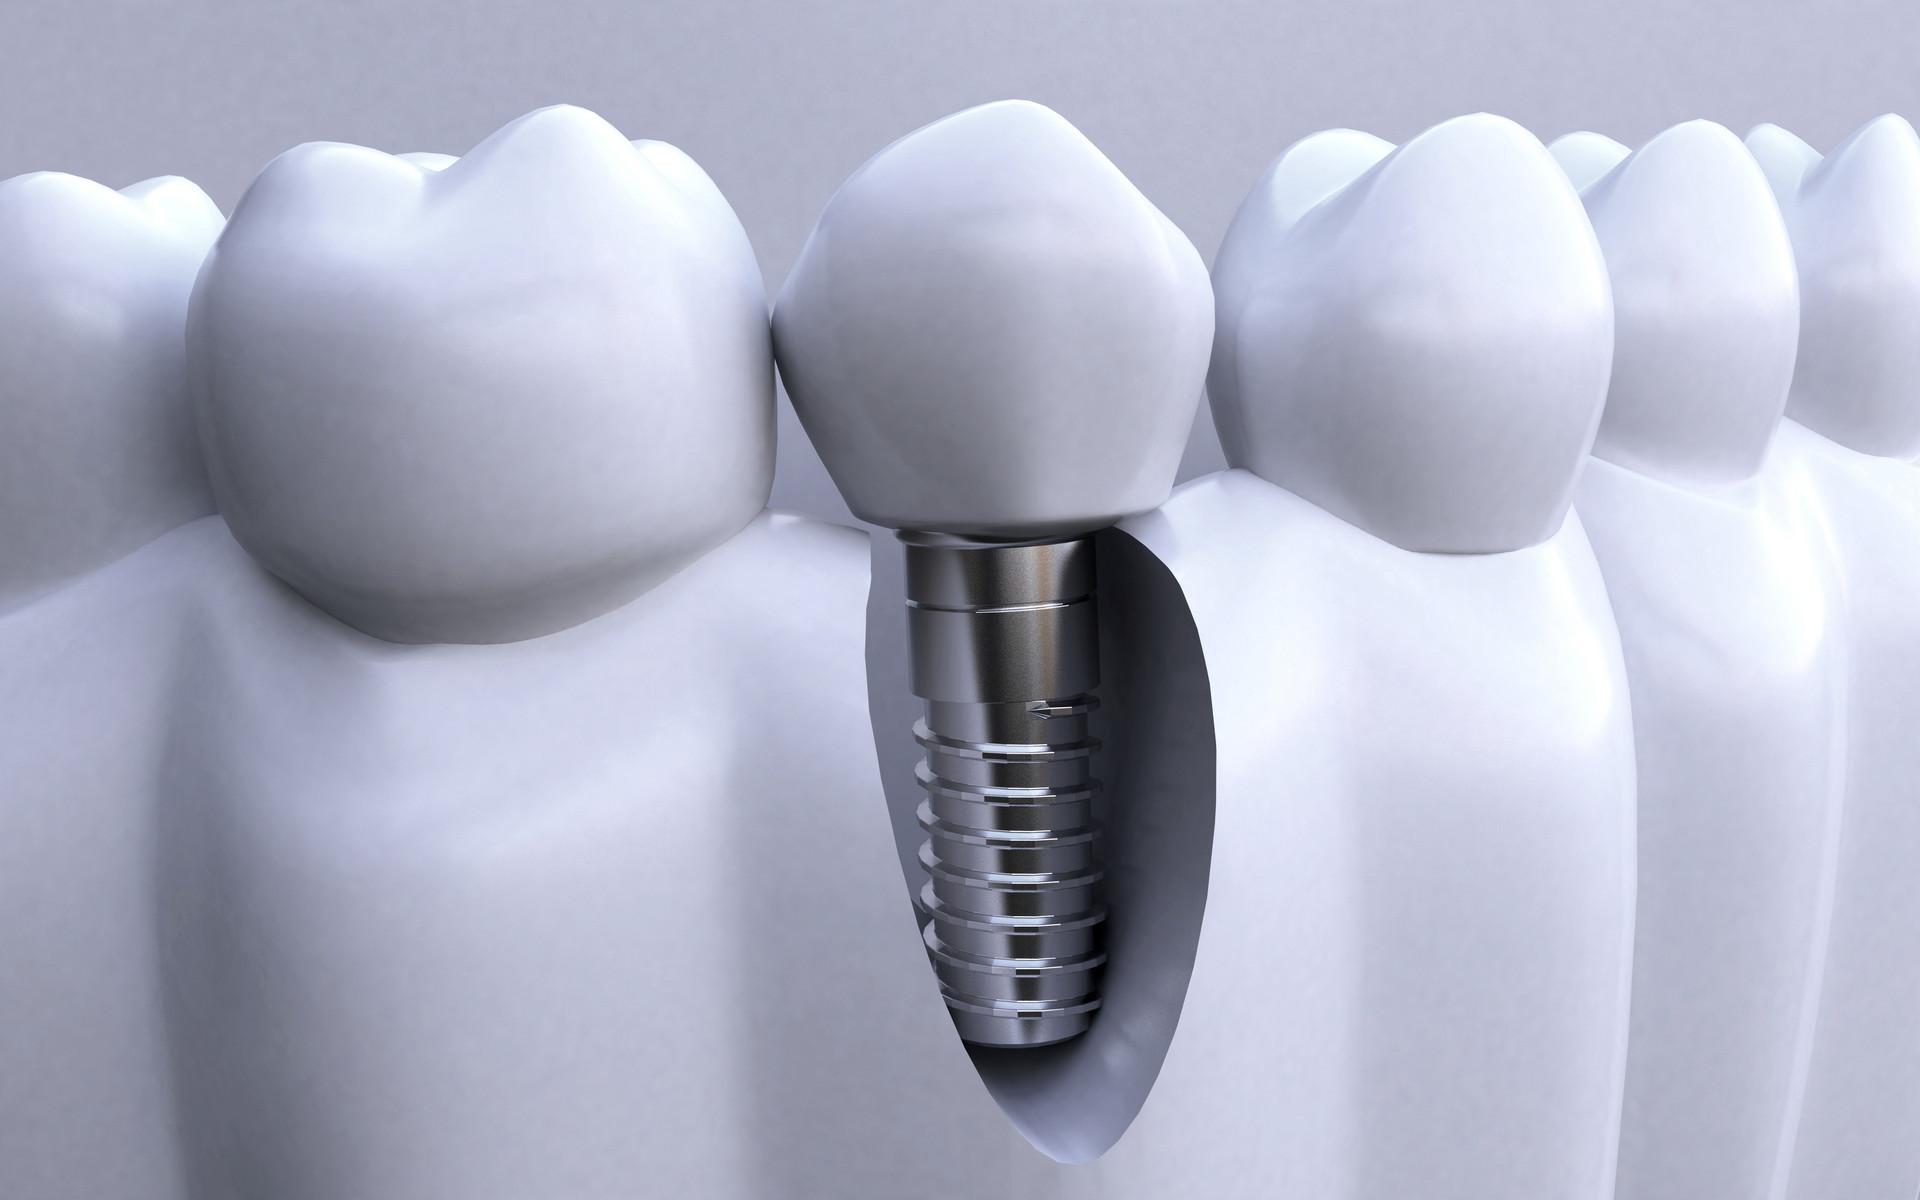 深圳种植牙多少钱才不会被坑 深圳种一颗牙大概的费用是多少?